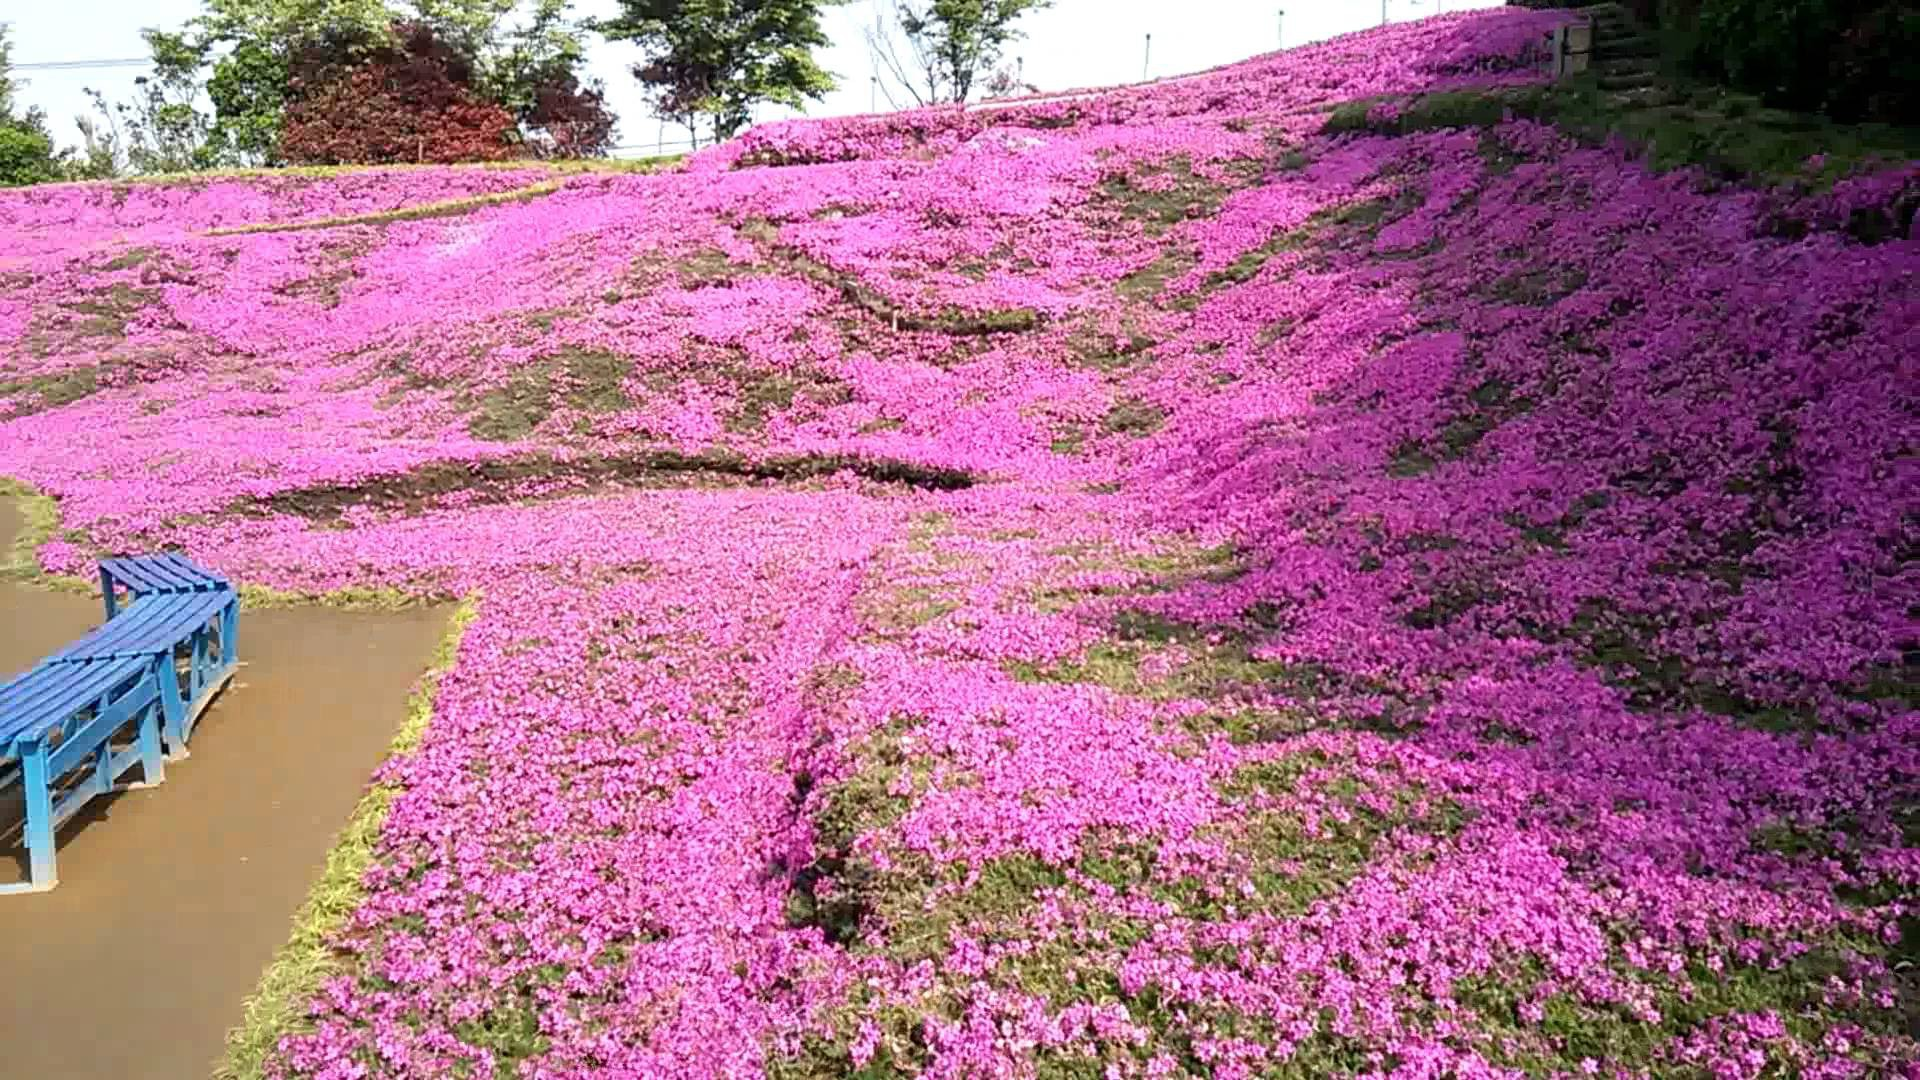 Người đàn ông Nhật Bản dành trọn tình yêu trồng đồi hoa trước nhà suốt 4 năm để tặng vợ mù lòa - Ảnh 20.